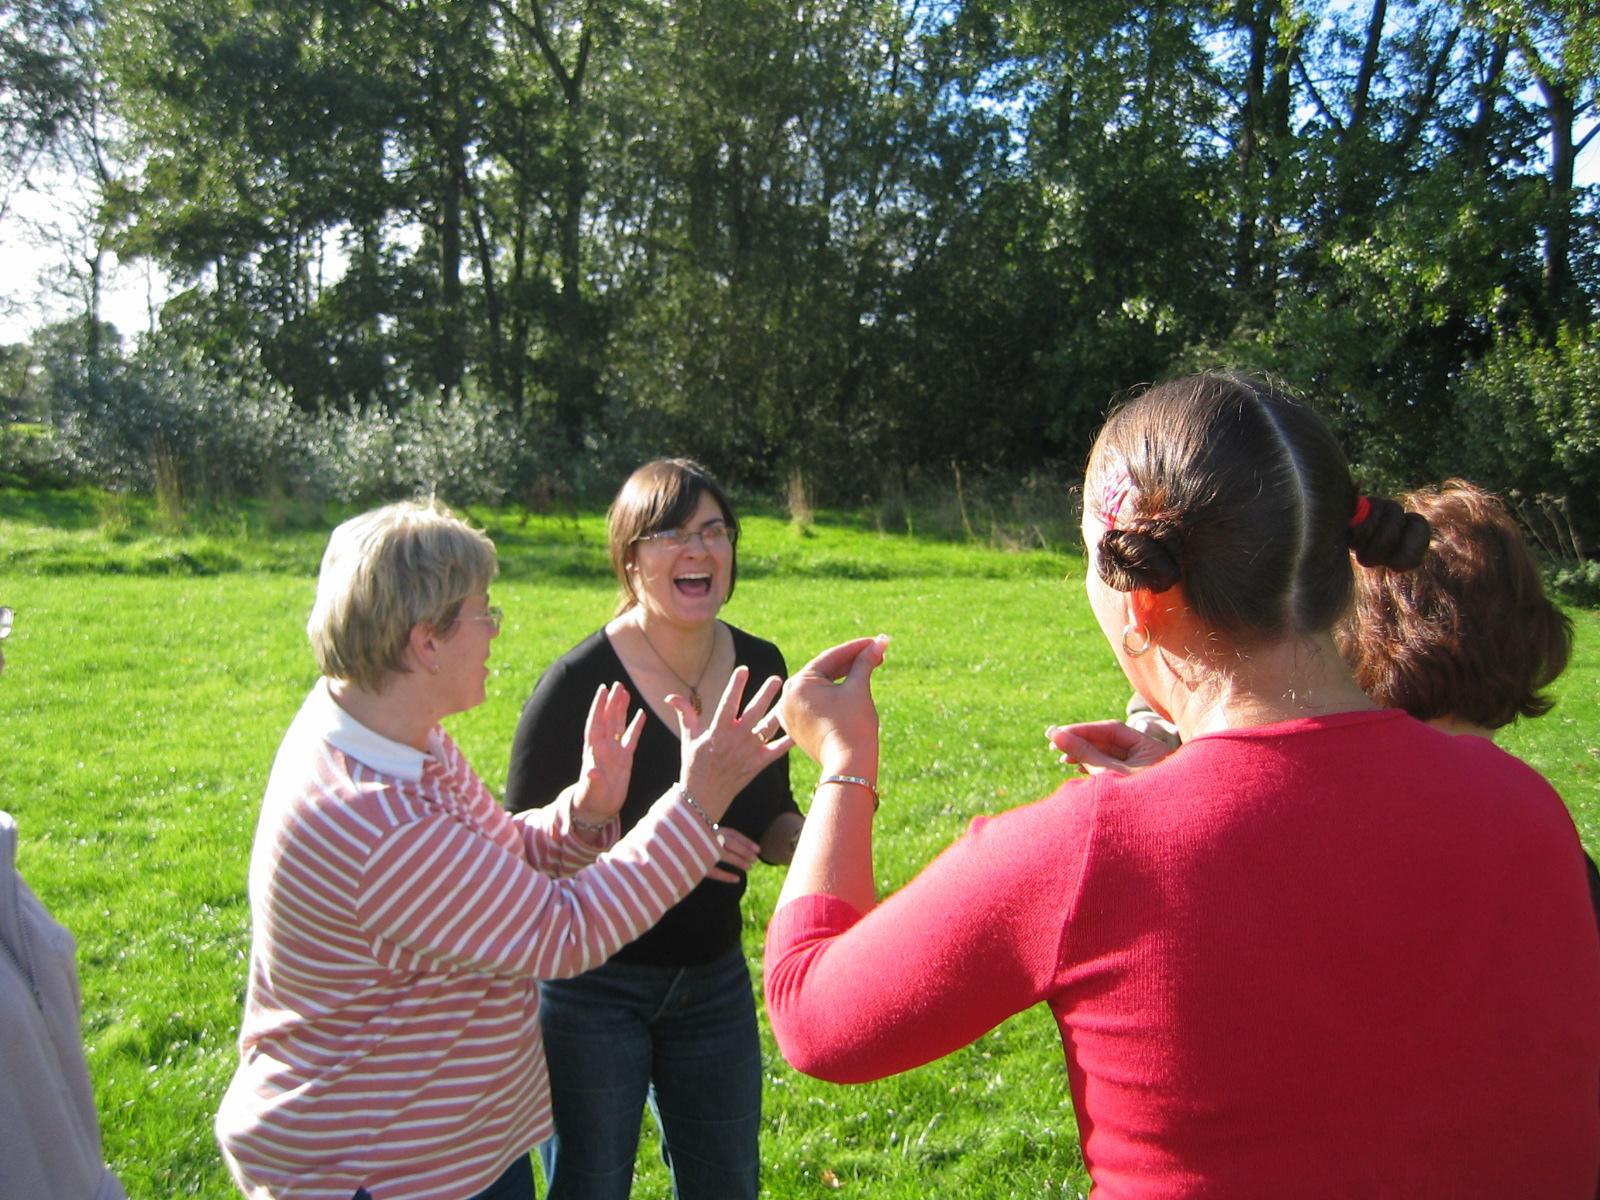 Team fun and enjoyment Devon